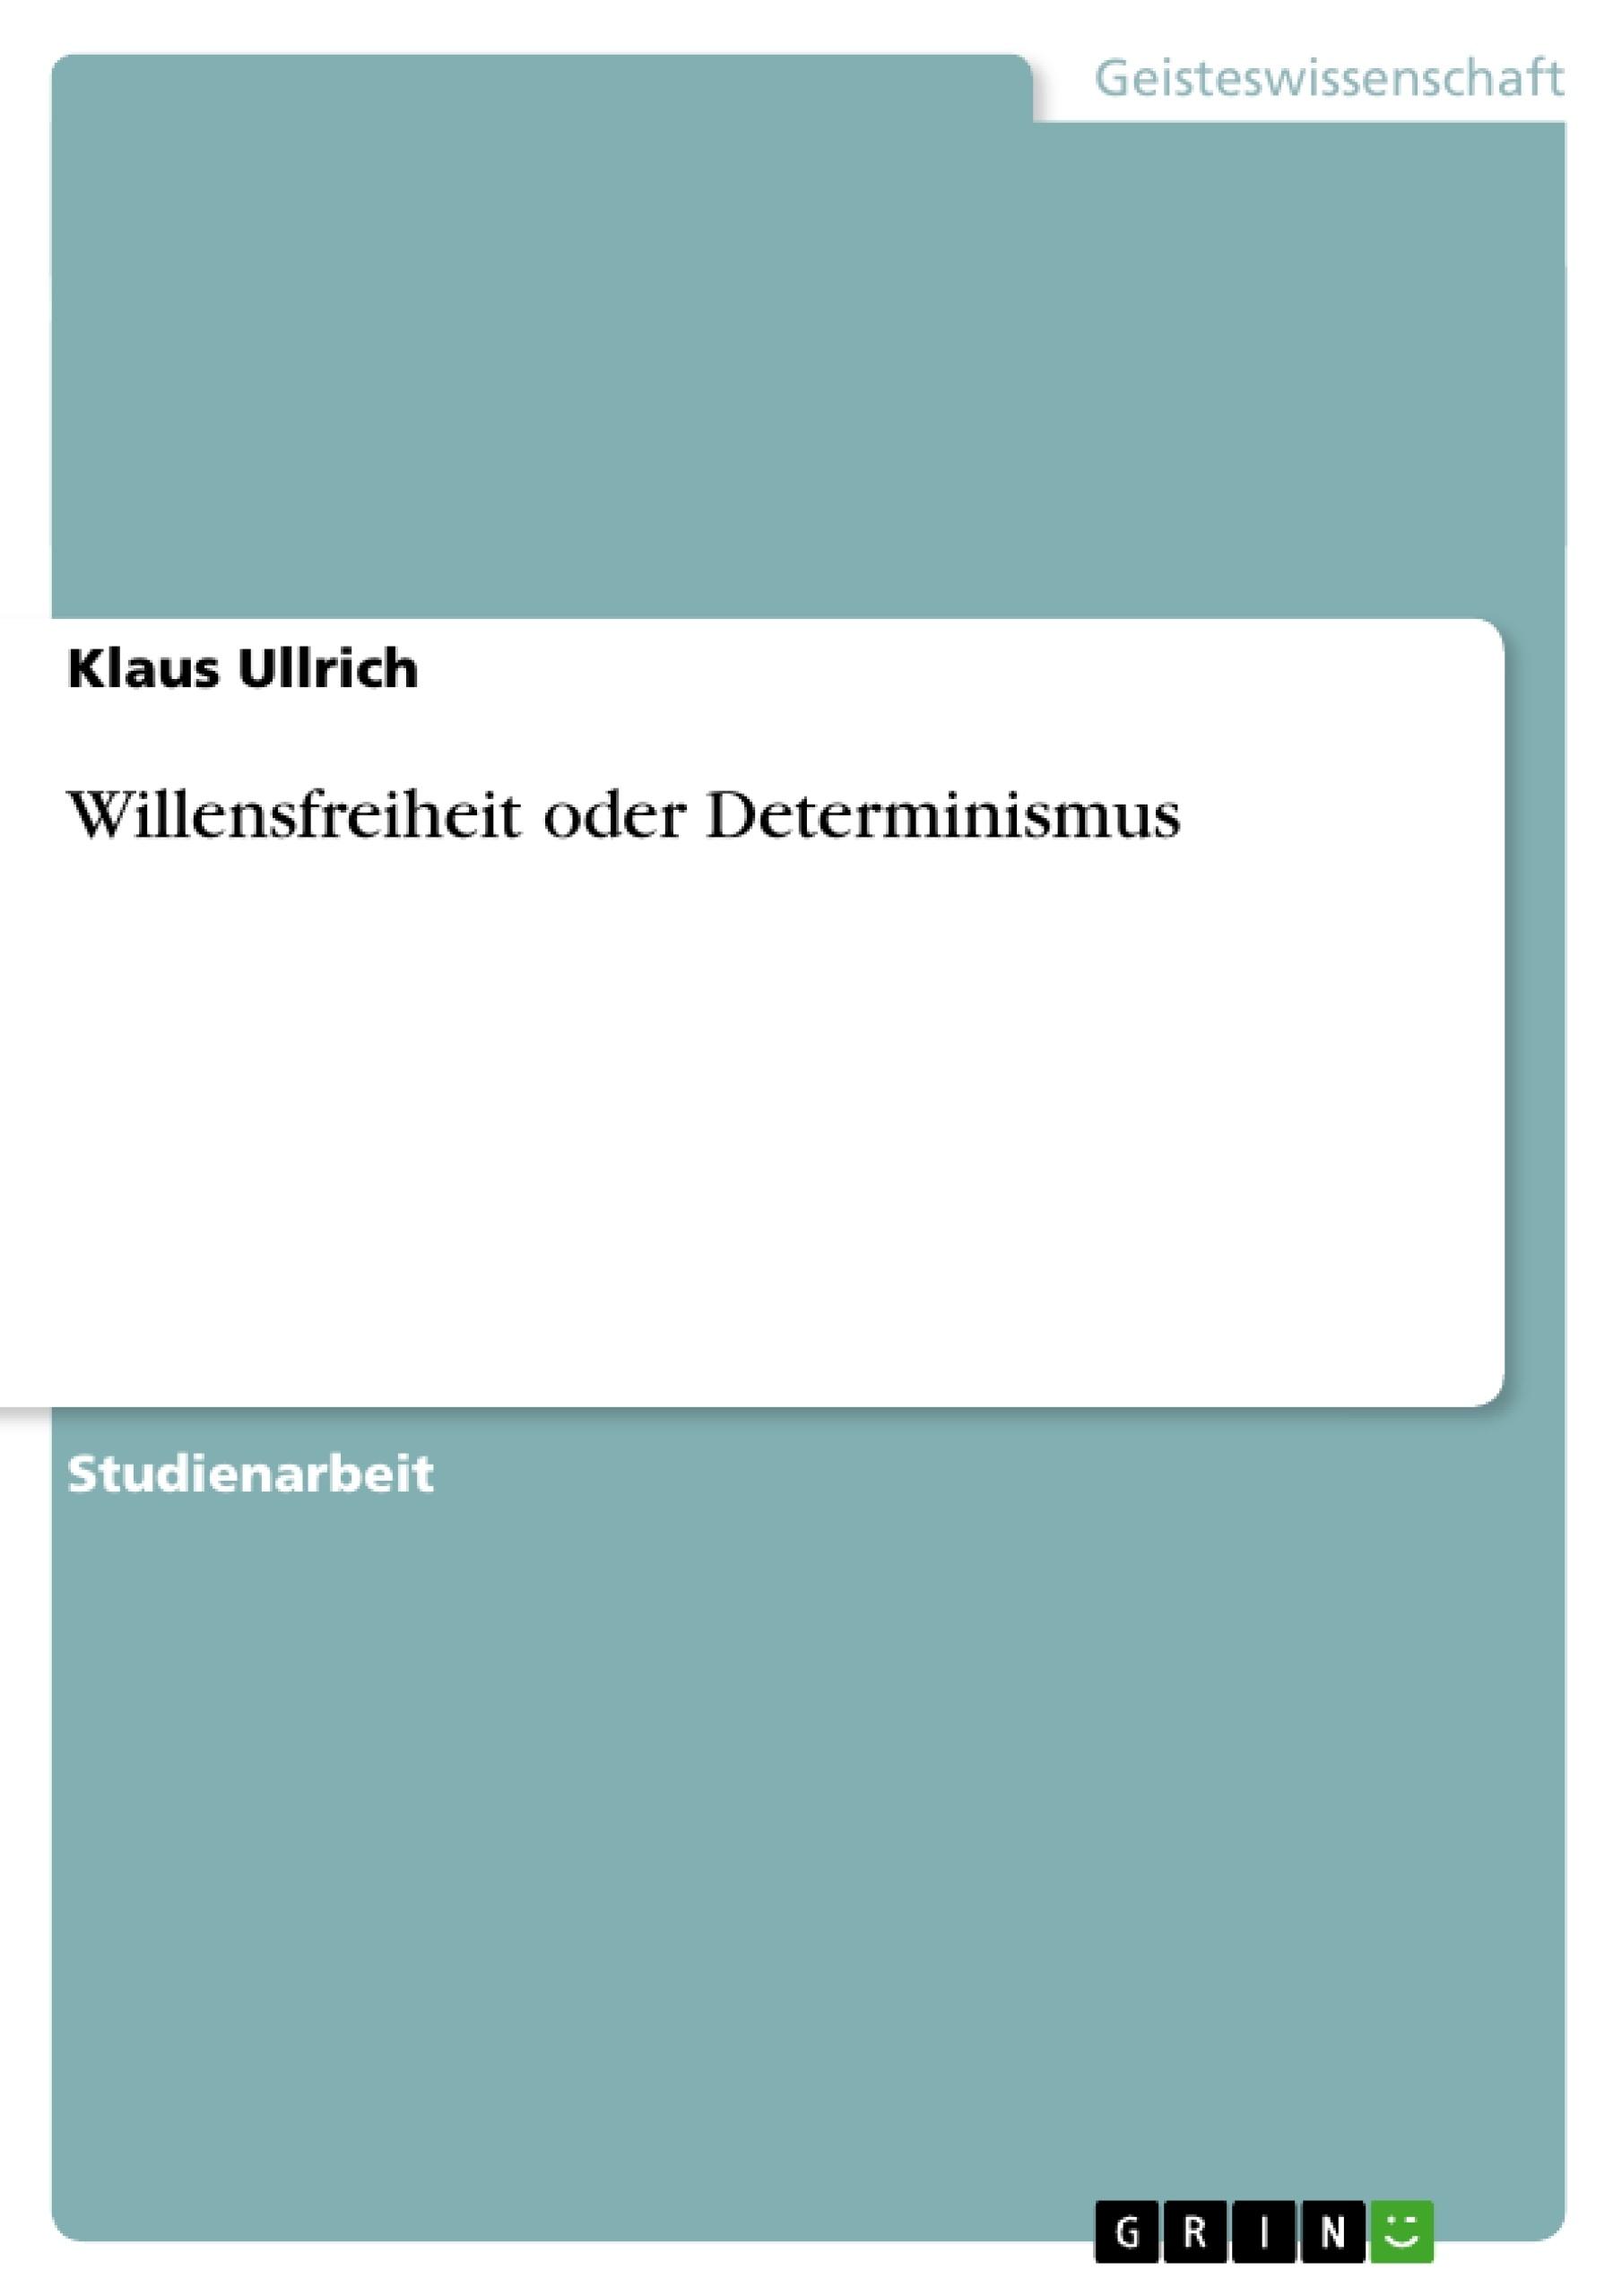 Titel: Willensfreiheit oder Determinismus